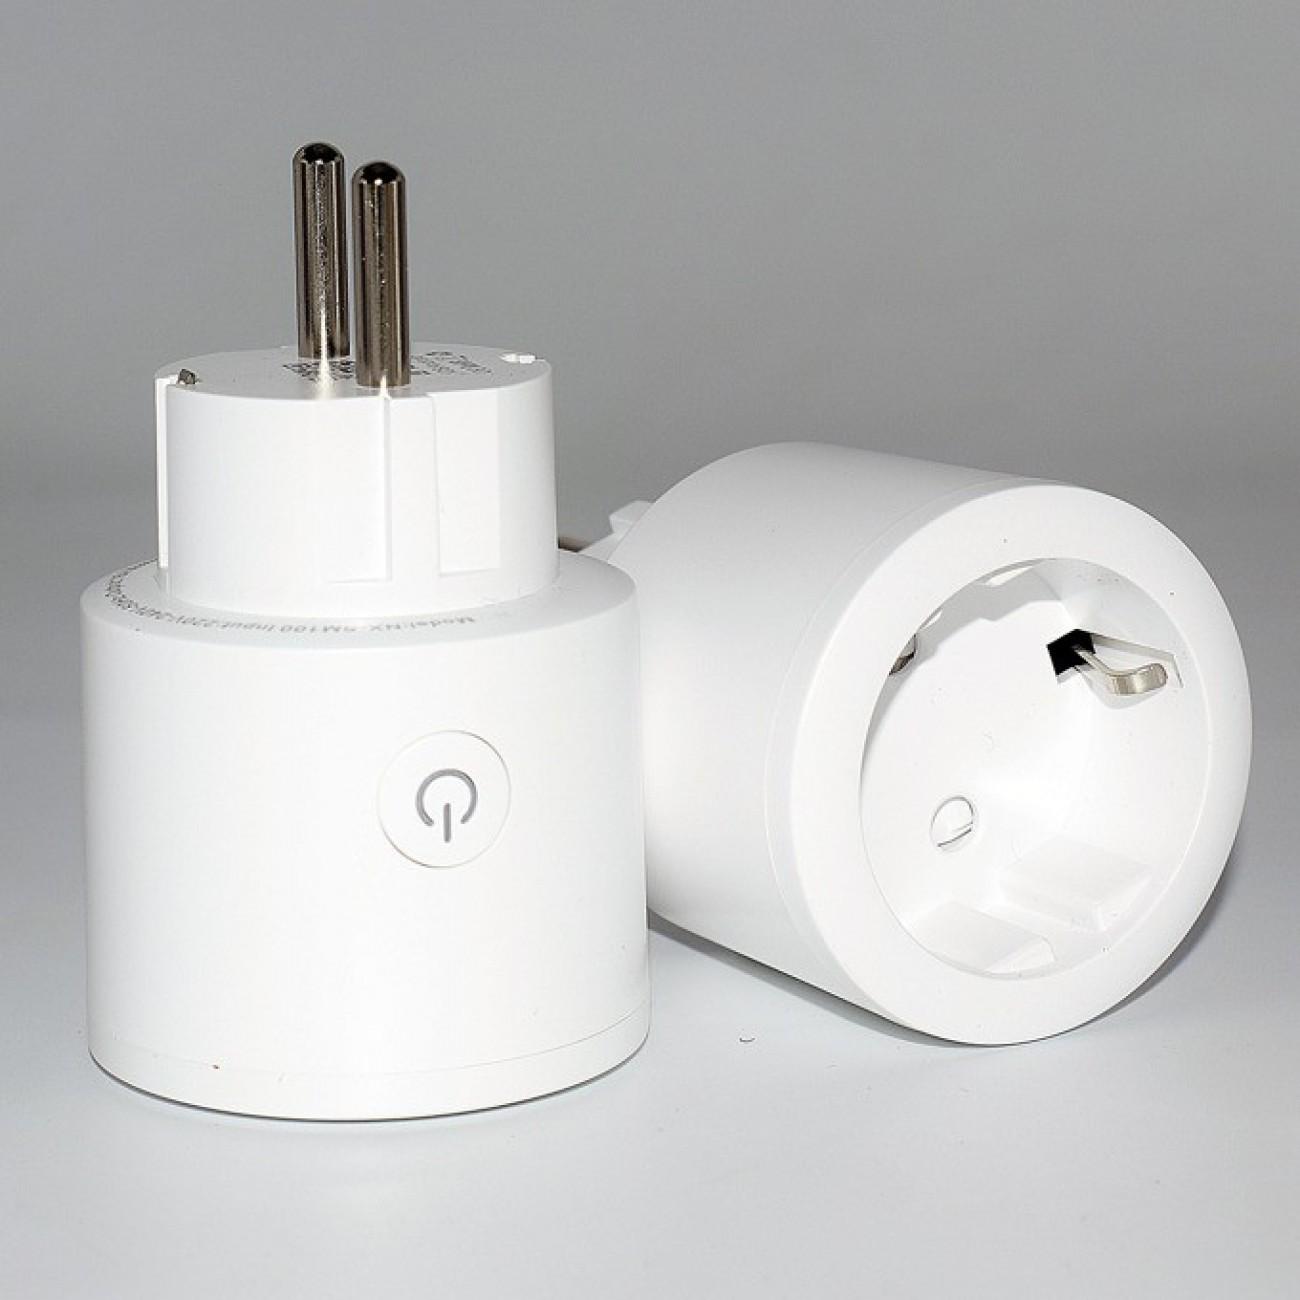 Смарт контакт Febite XS-SSB01, 3250W максимално натоварване, мониторинг на потреблението, Wi-Fi, бял в Смарт домашна автоматизация - Febite | Alleop